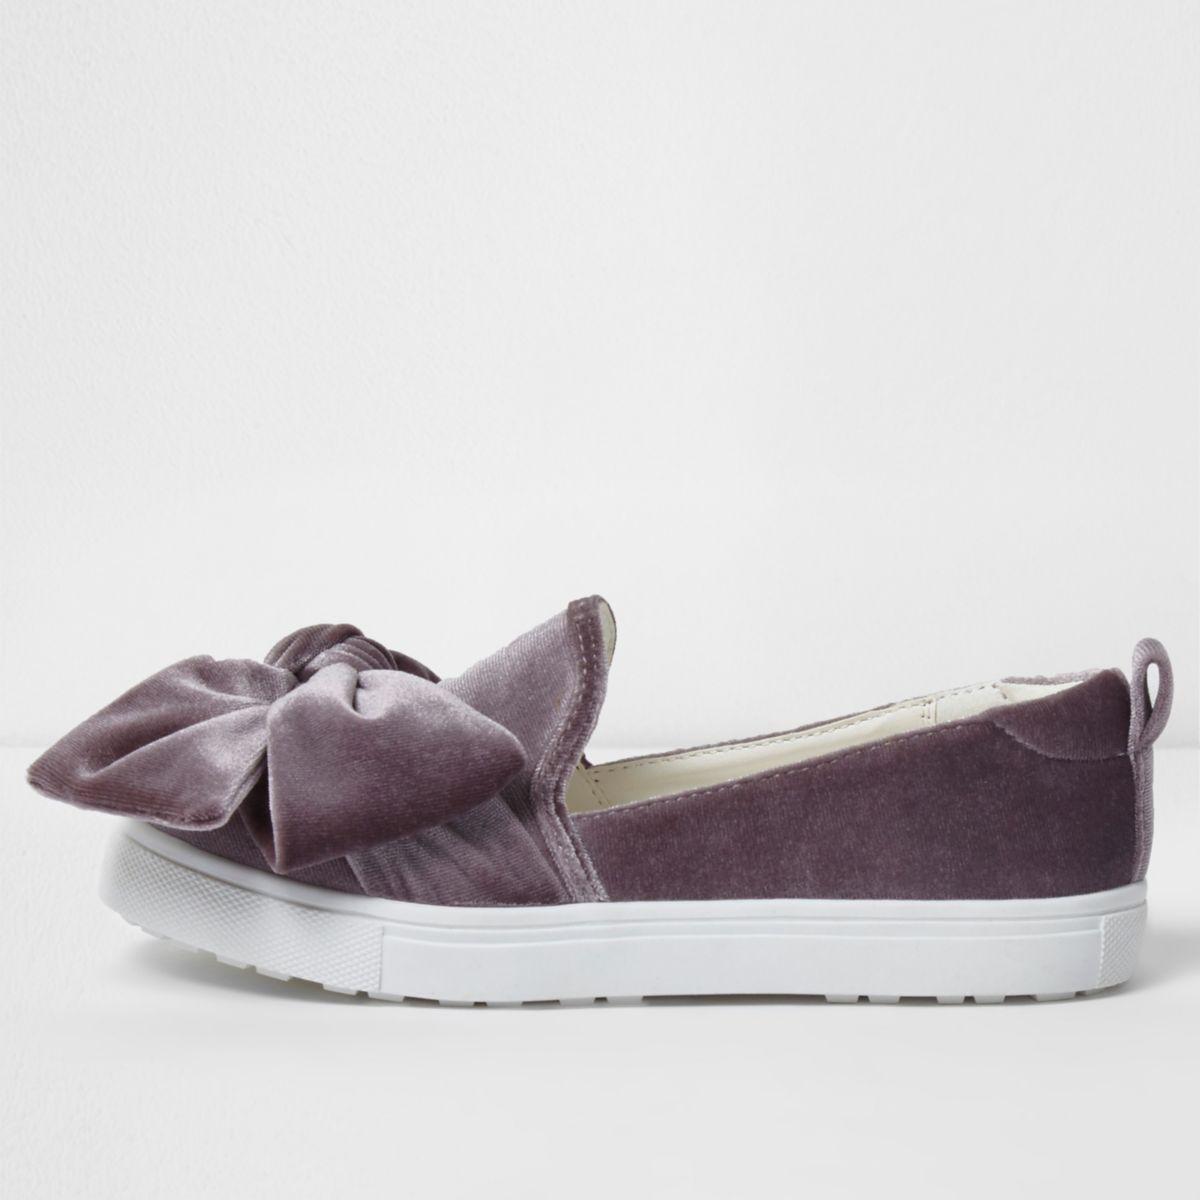 Girls purple velvet bow top plimsolls